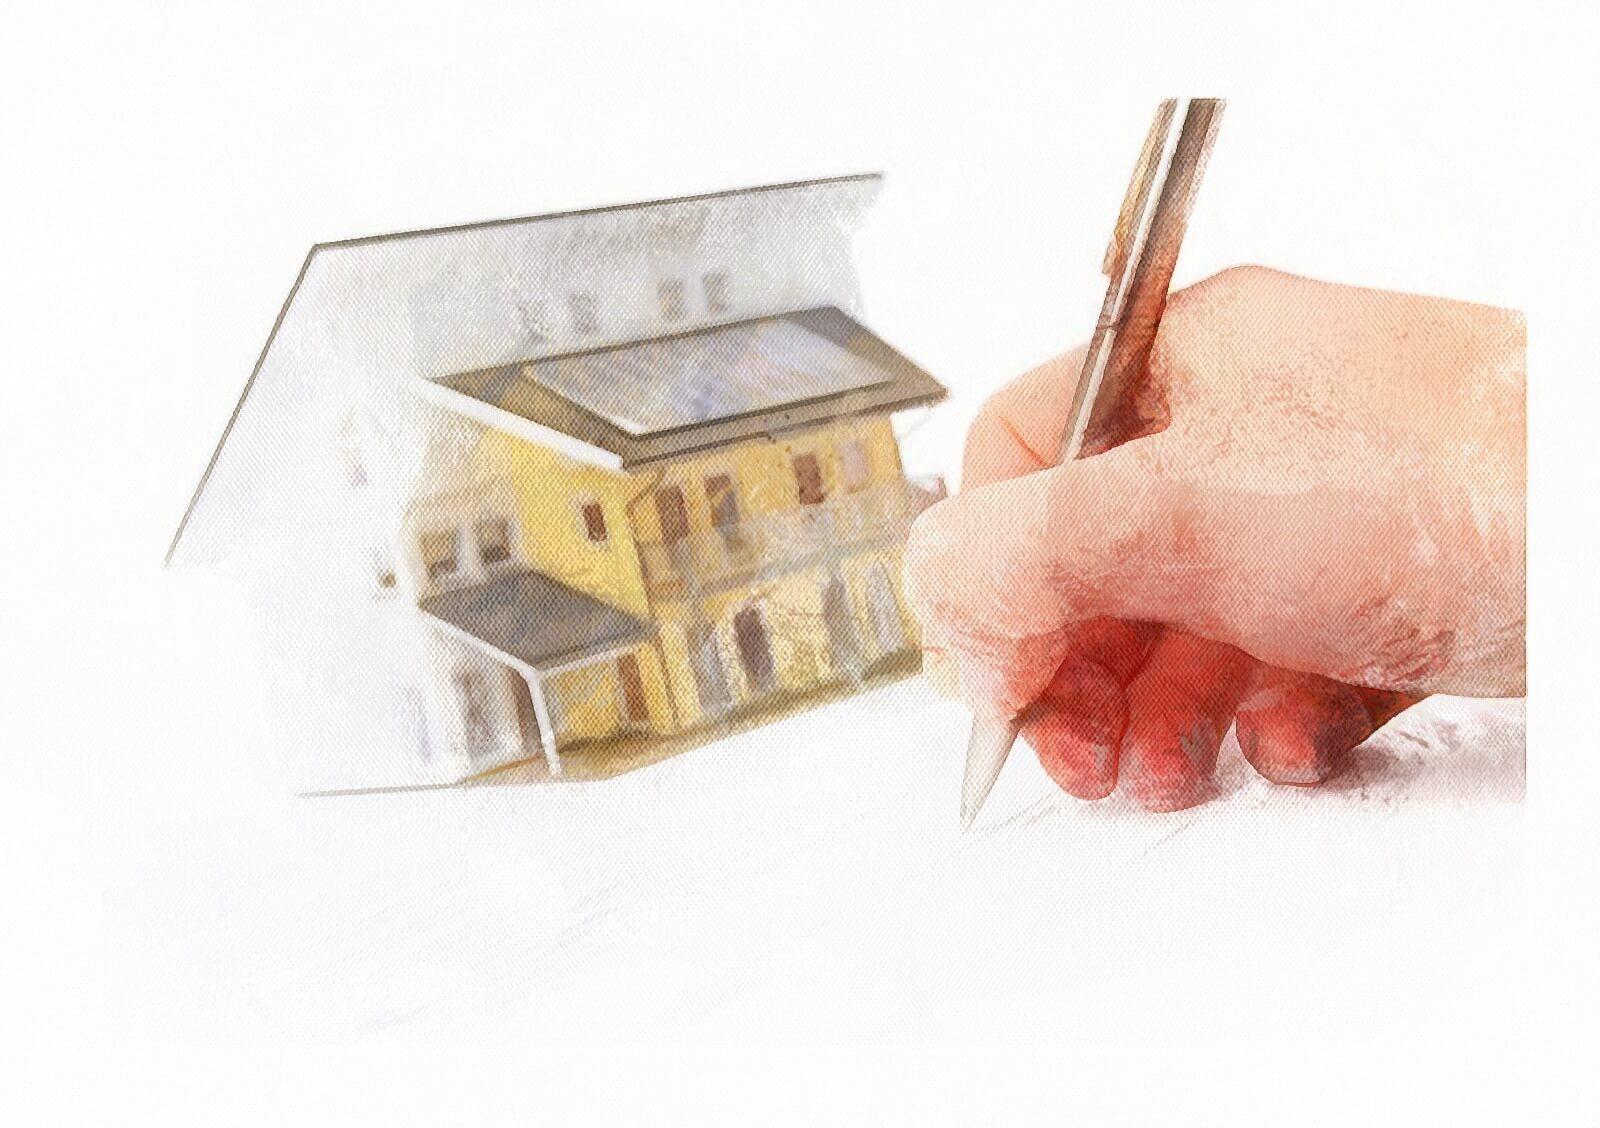 Регистрация залога недвижимого имущества